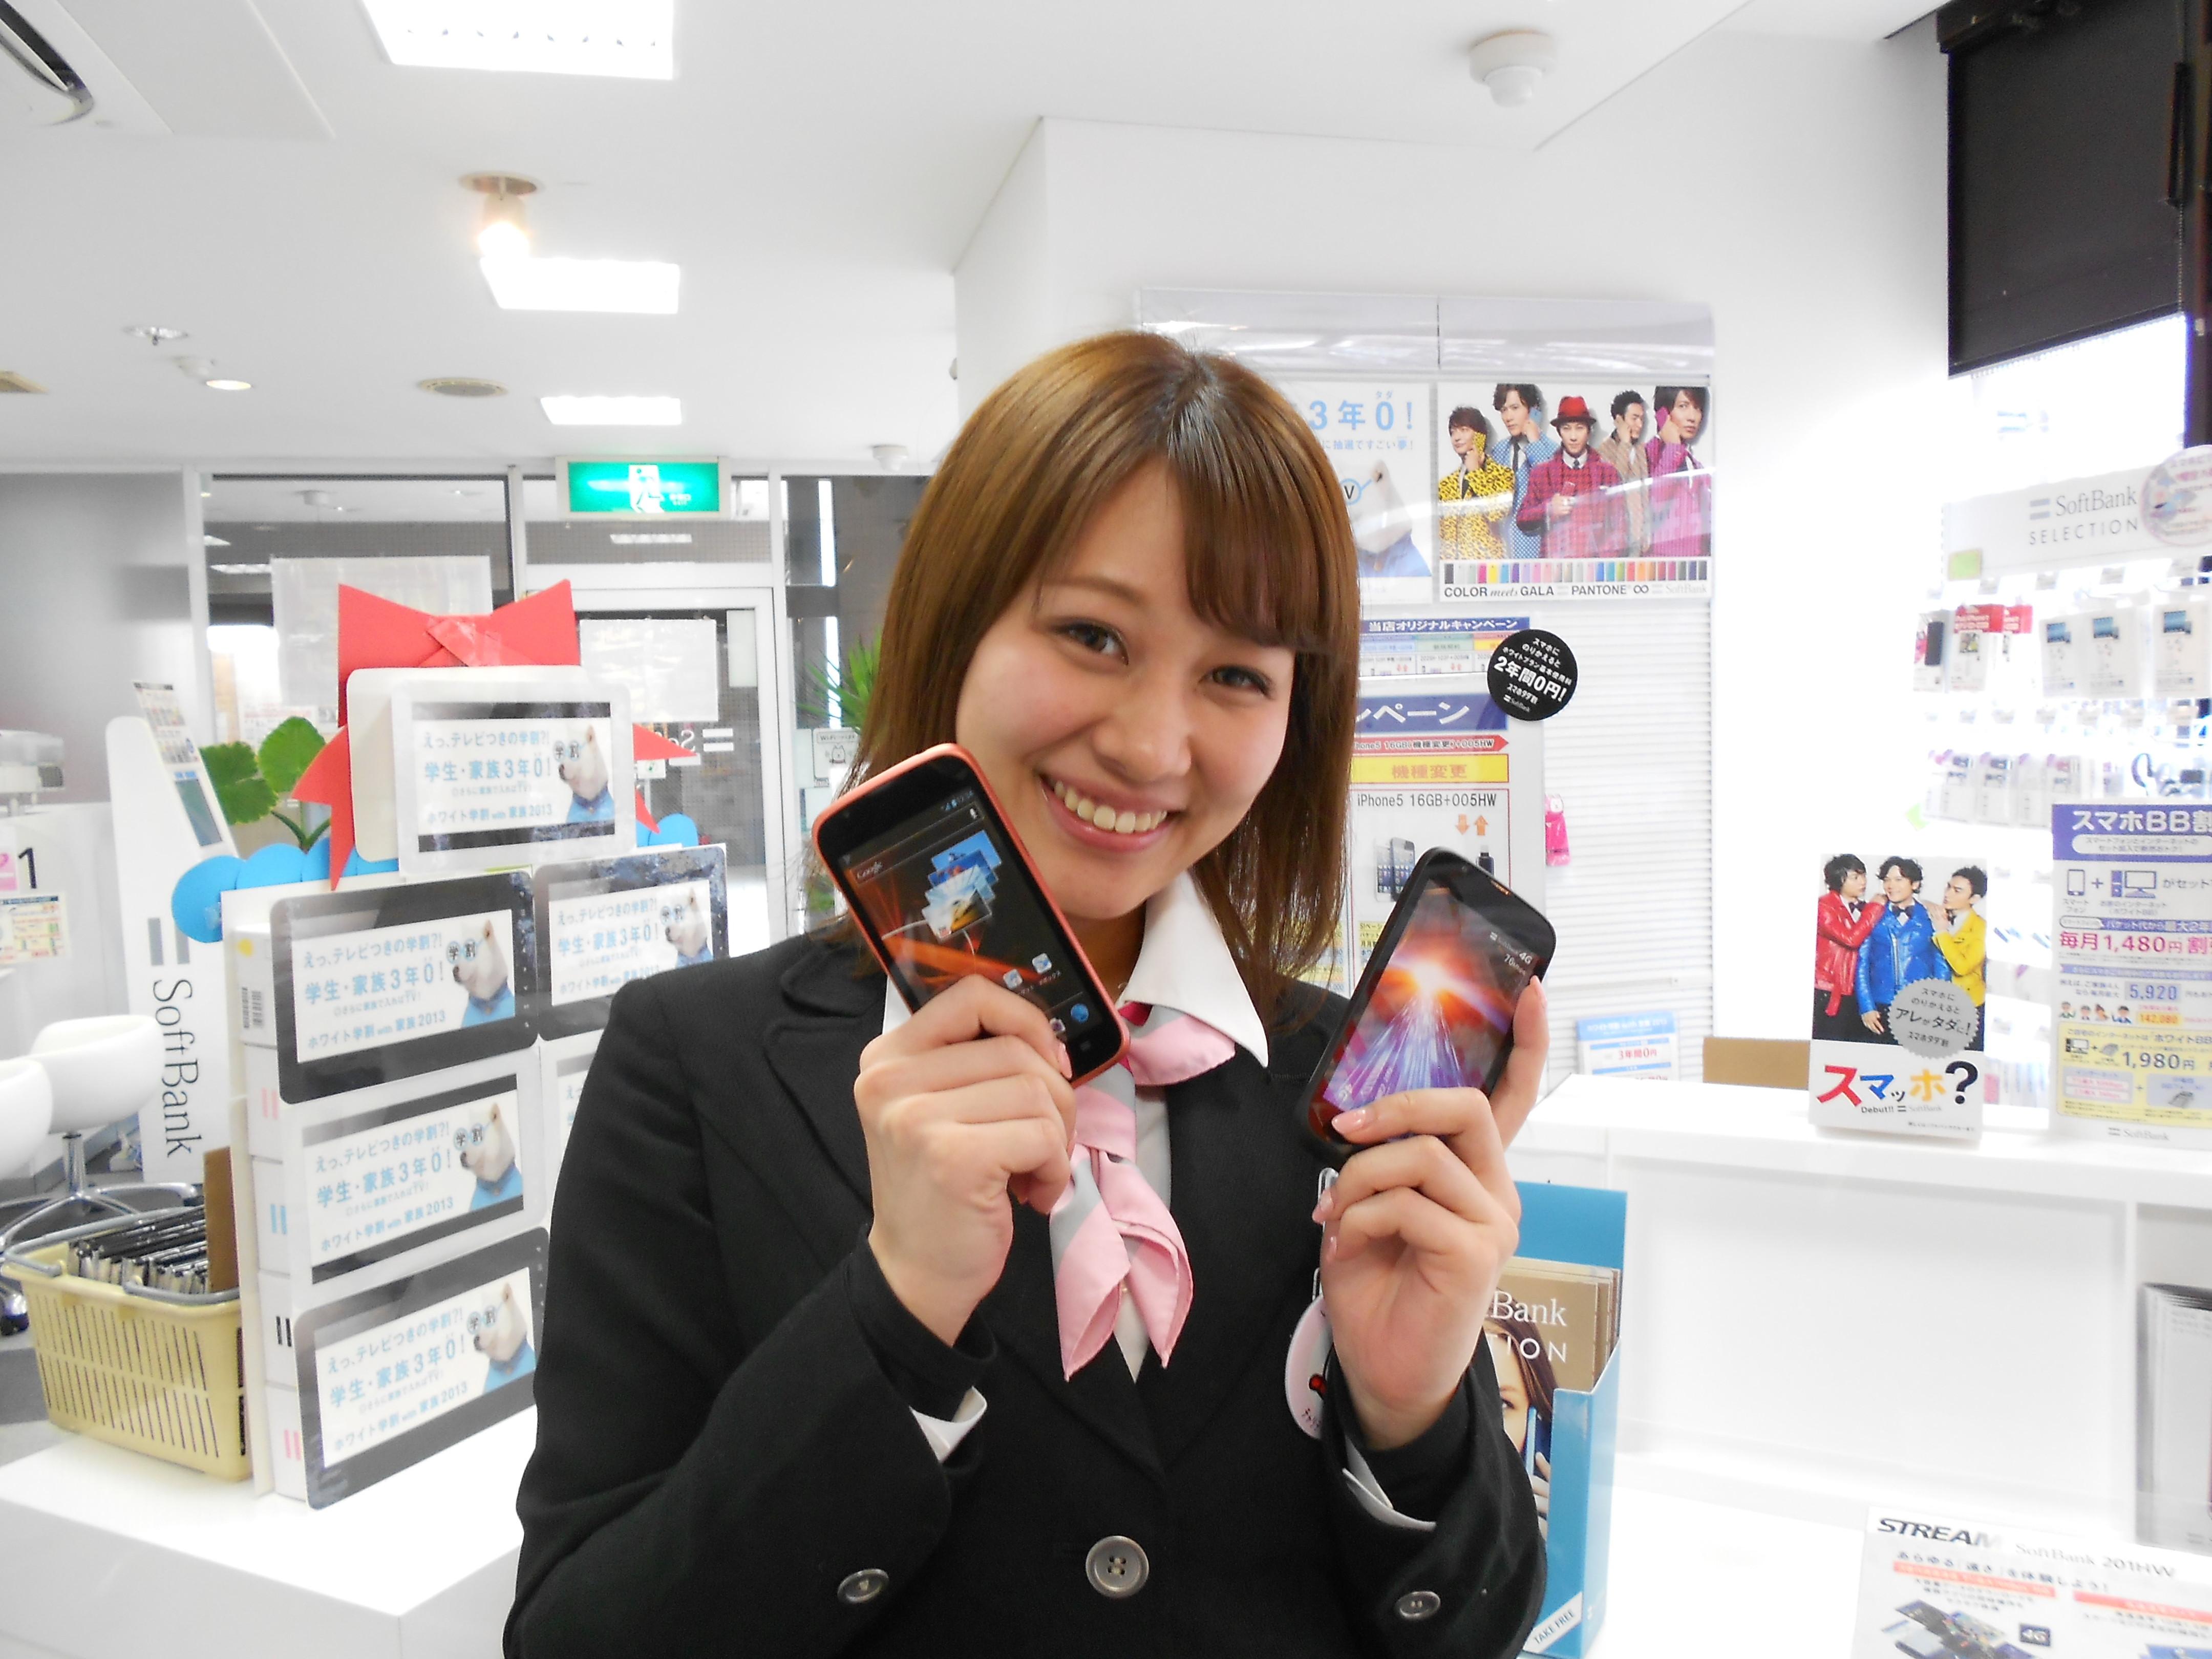 ワイモバイル 豊川(株式会社シエロ)のアルバイト情報